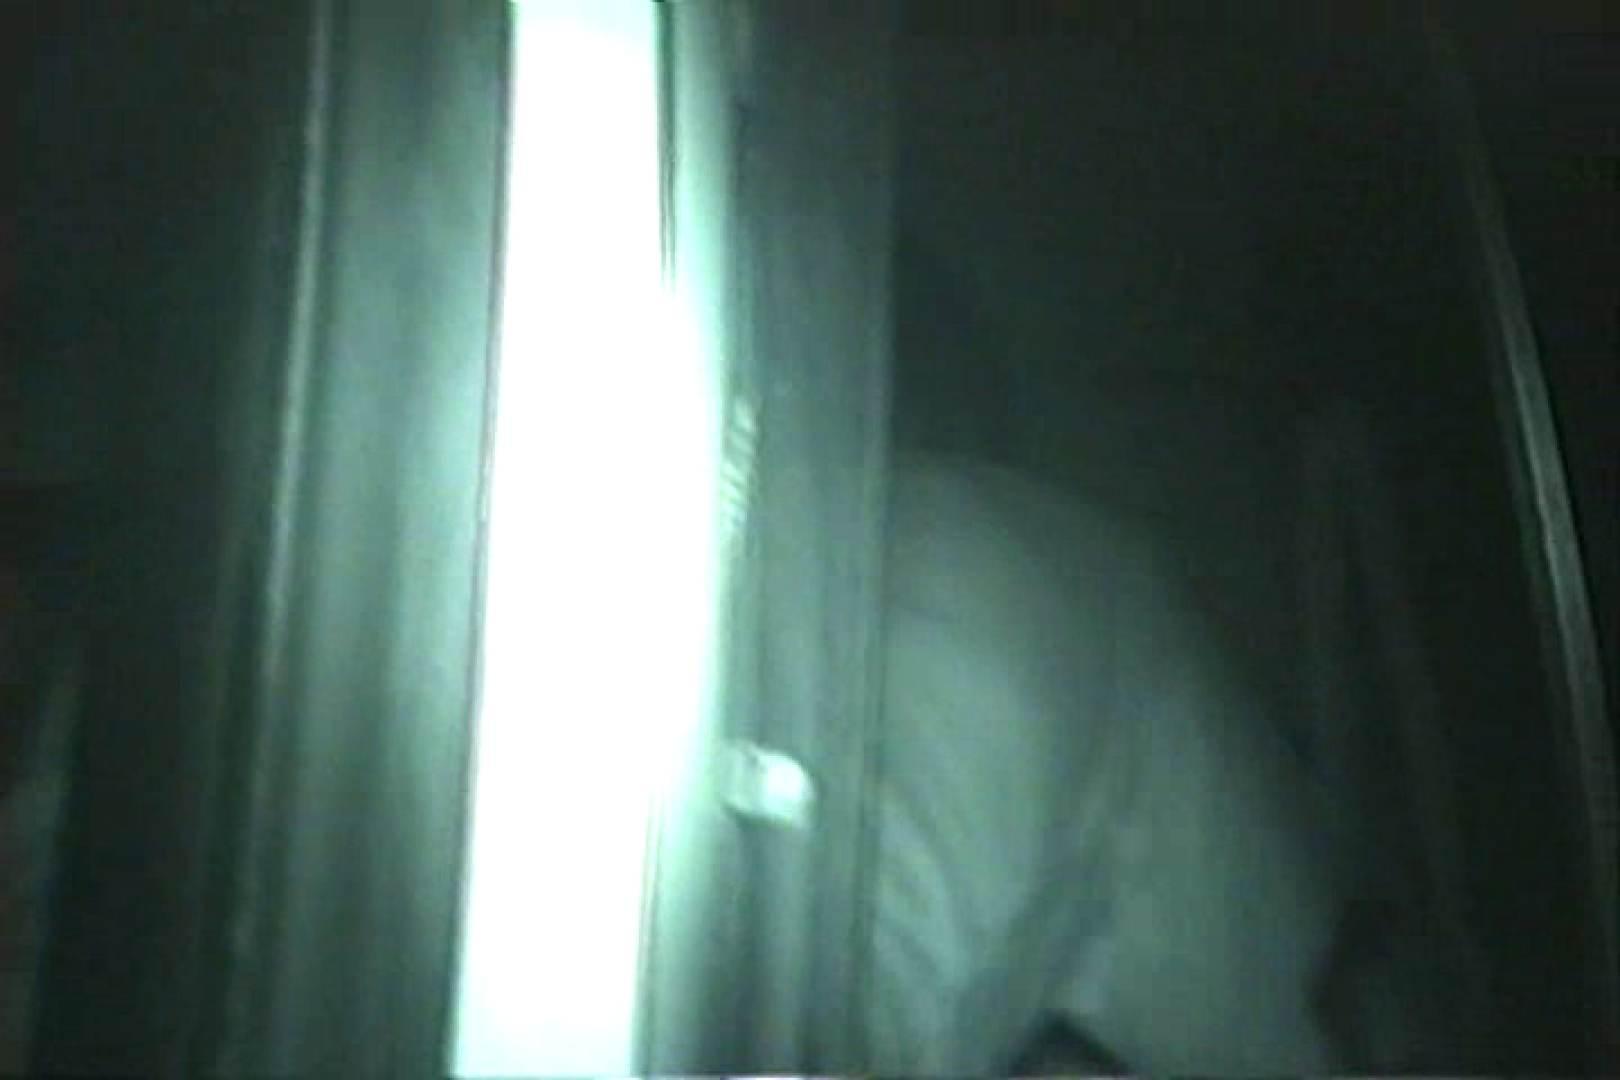 車の中はラブホテル 無修正版  Vol.23 車の中のカップル   ラブホテル  81画像 64